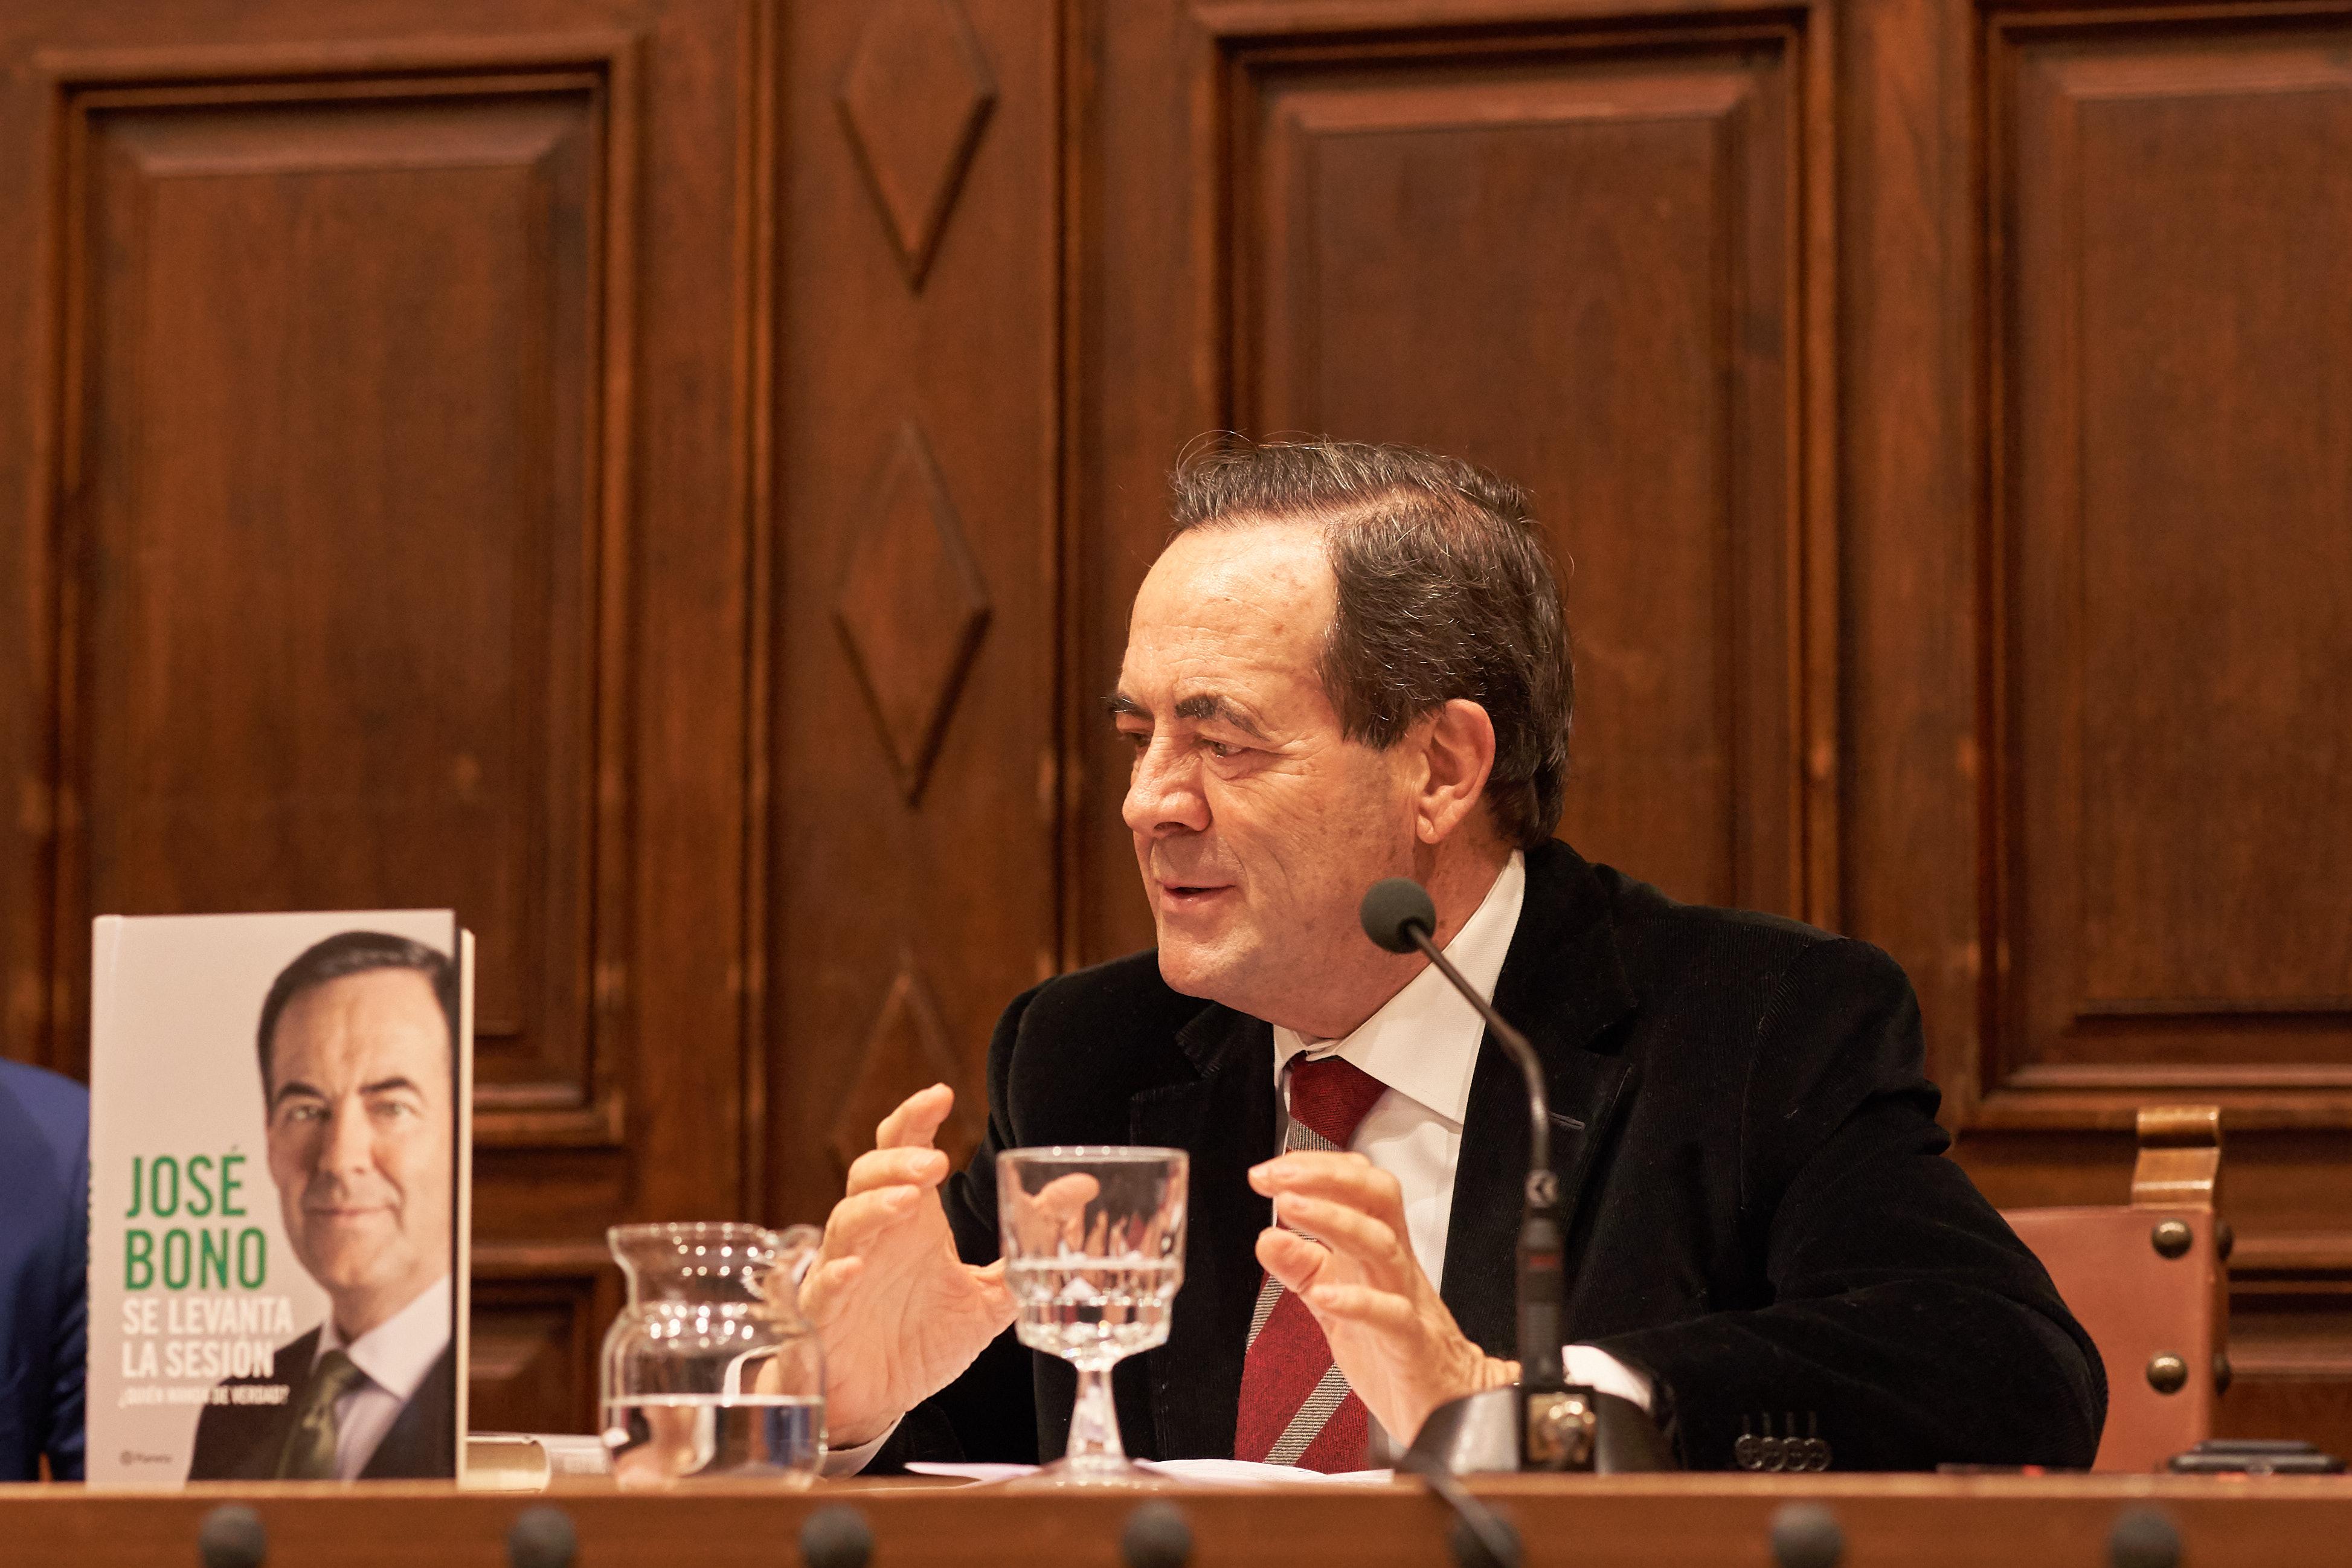 El expresidente del Congreso y exministro socialista José Bono cuenta la trastienda del poder en su libro 'Se levanta la sesión'